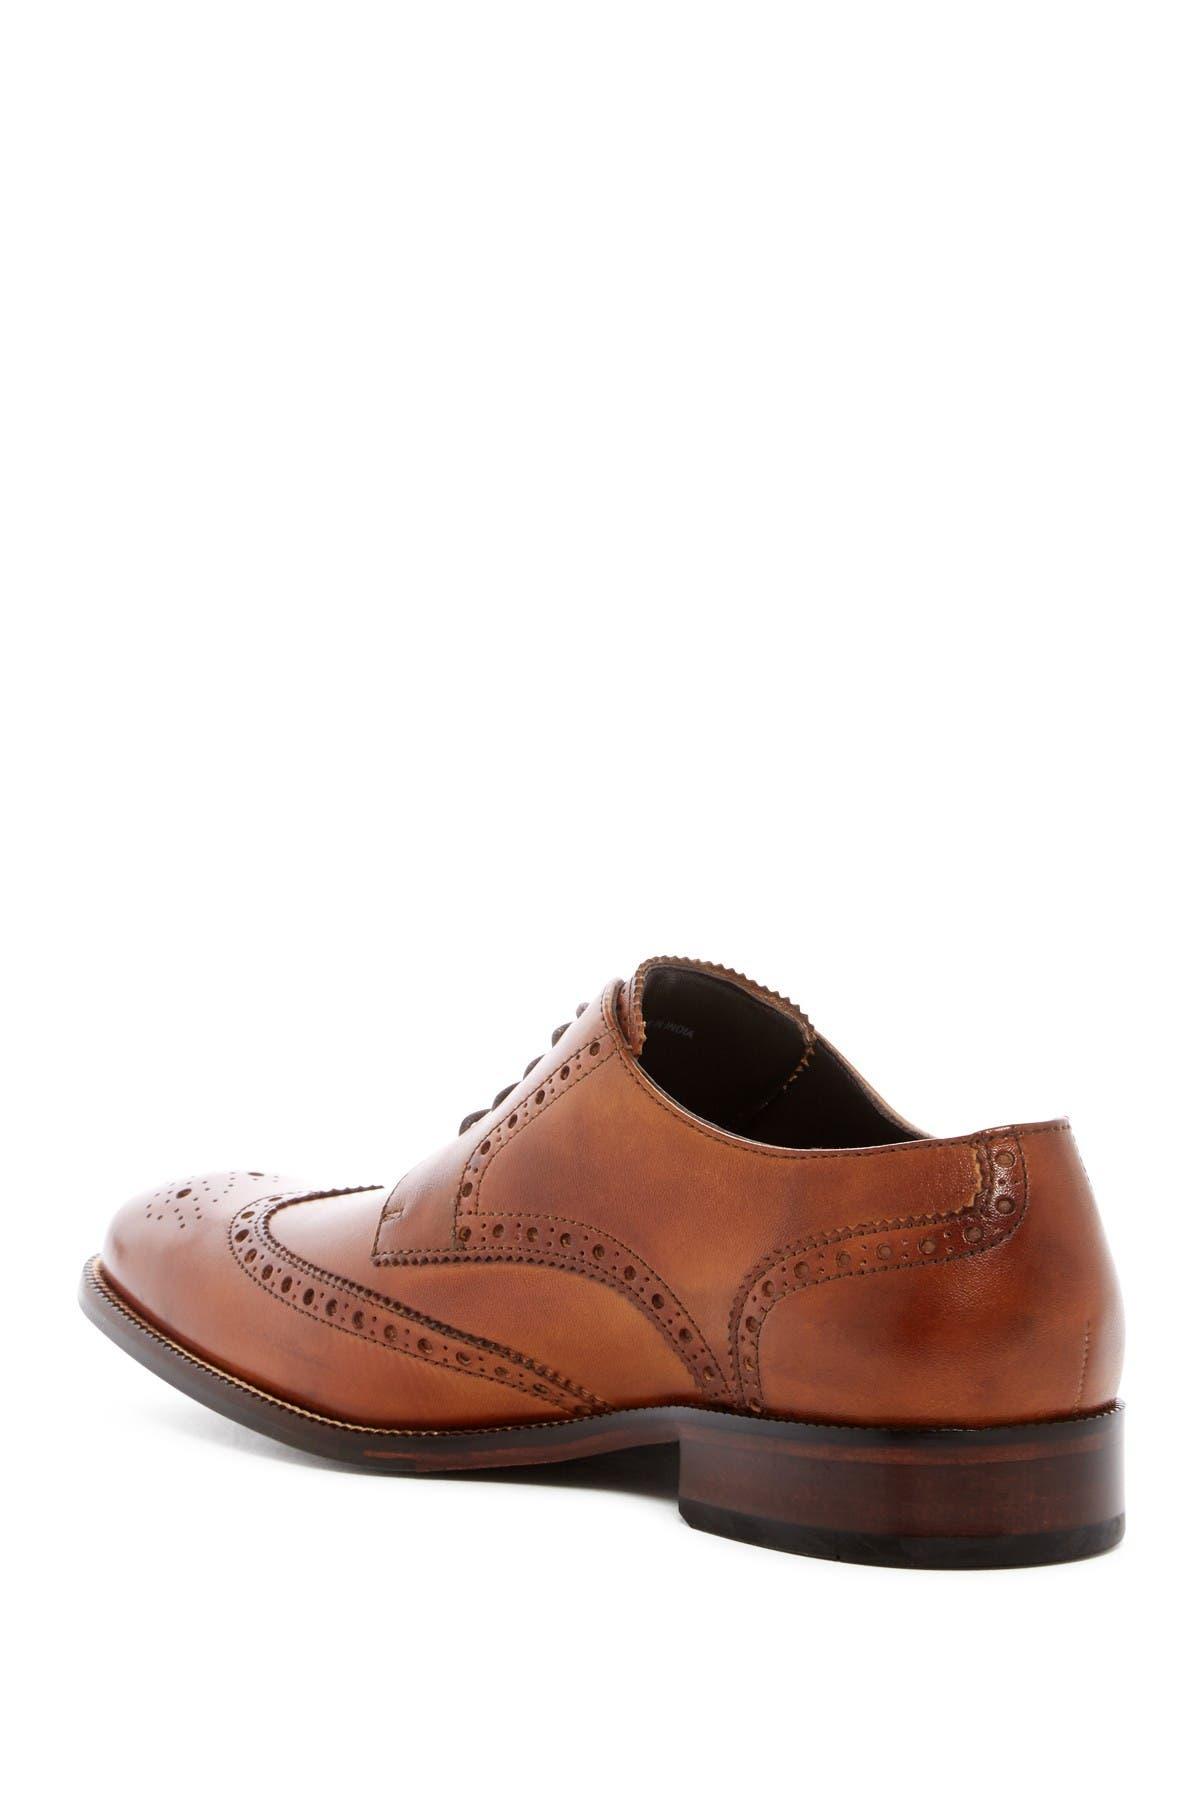 Cole Haan   Benton Leather Wingtip